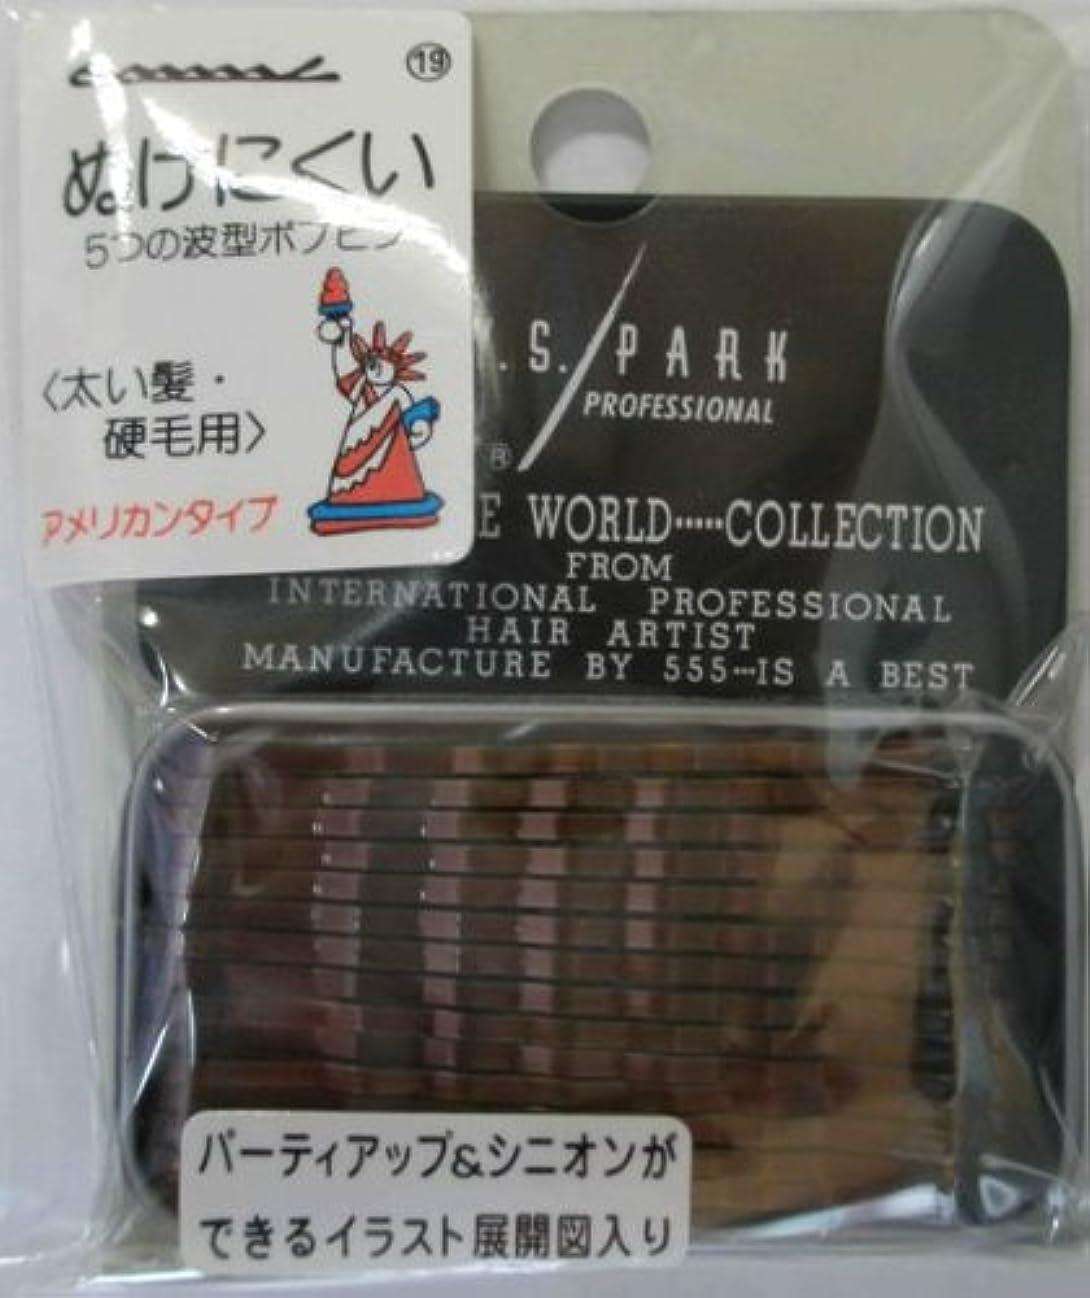 農業ゴネリルナビゲーションY.S.PARK世界のヘアピンコレクションNo.19(太い髪?硬毛用)アメリカンタイプ40P